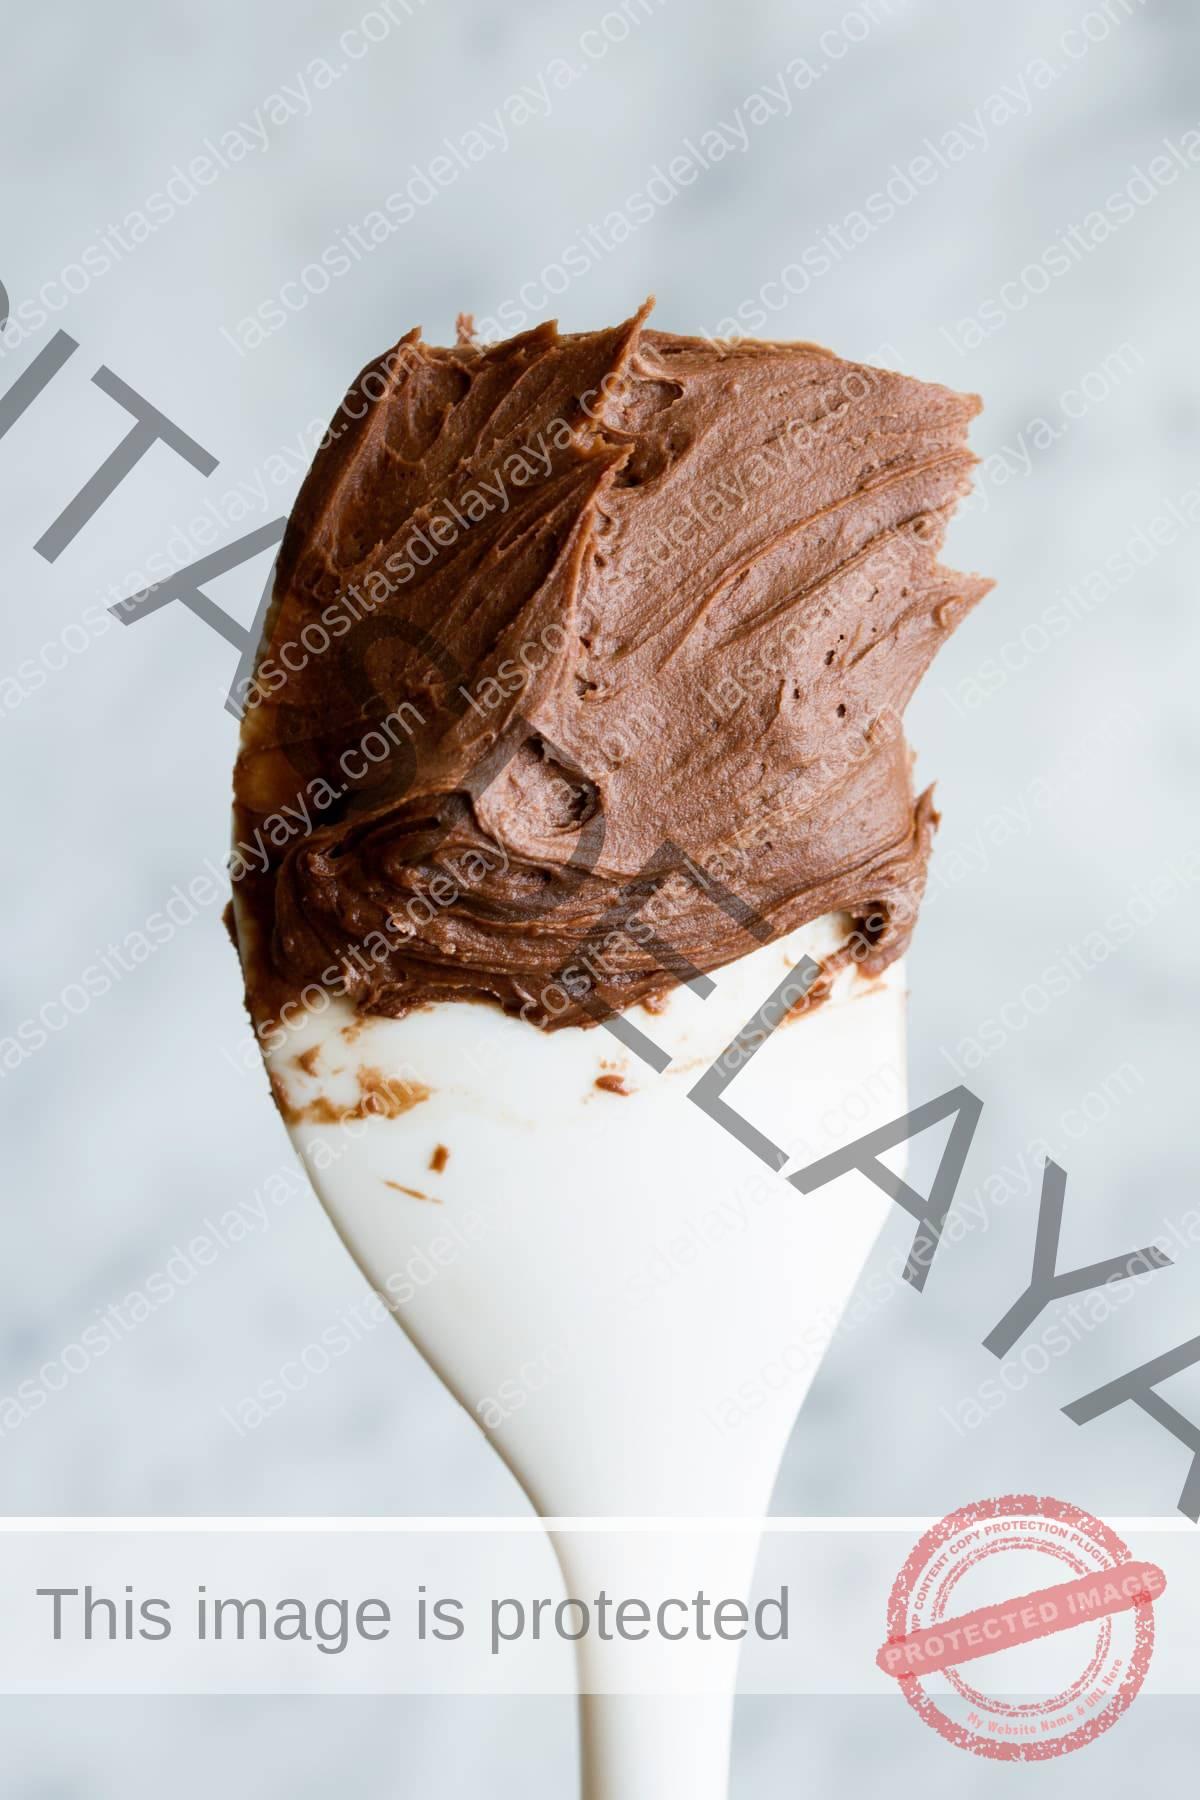 Glaseado de chocolate en una espátula